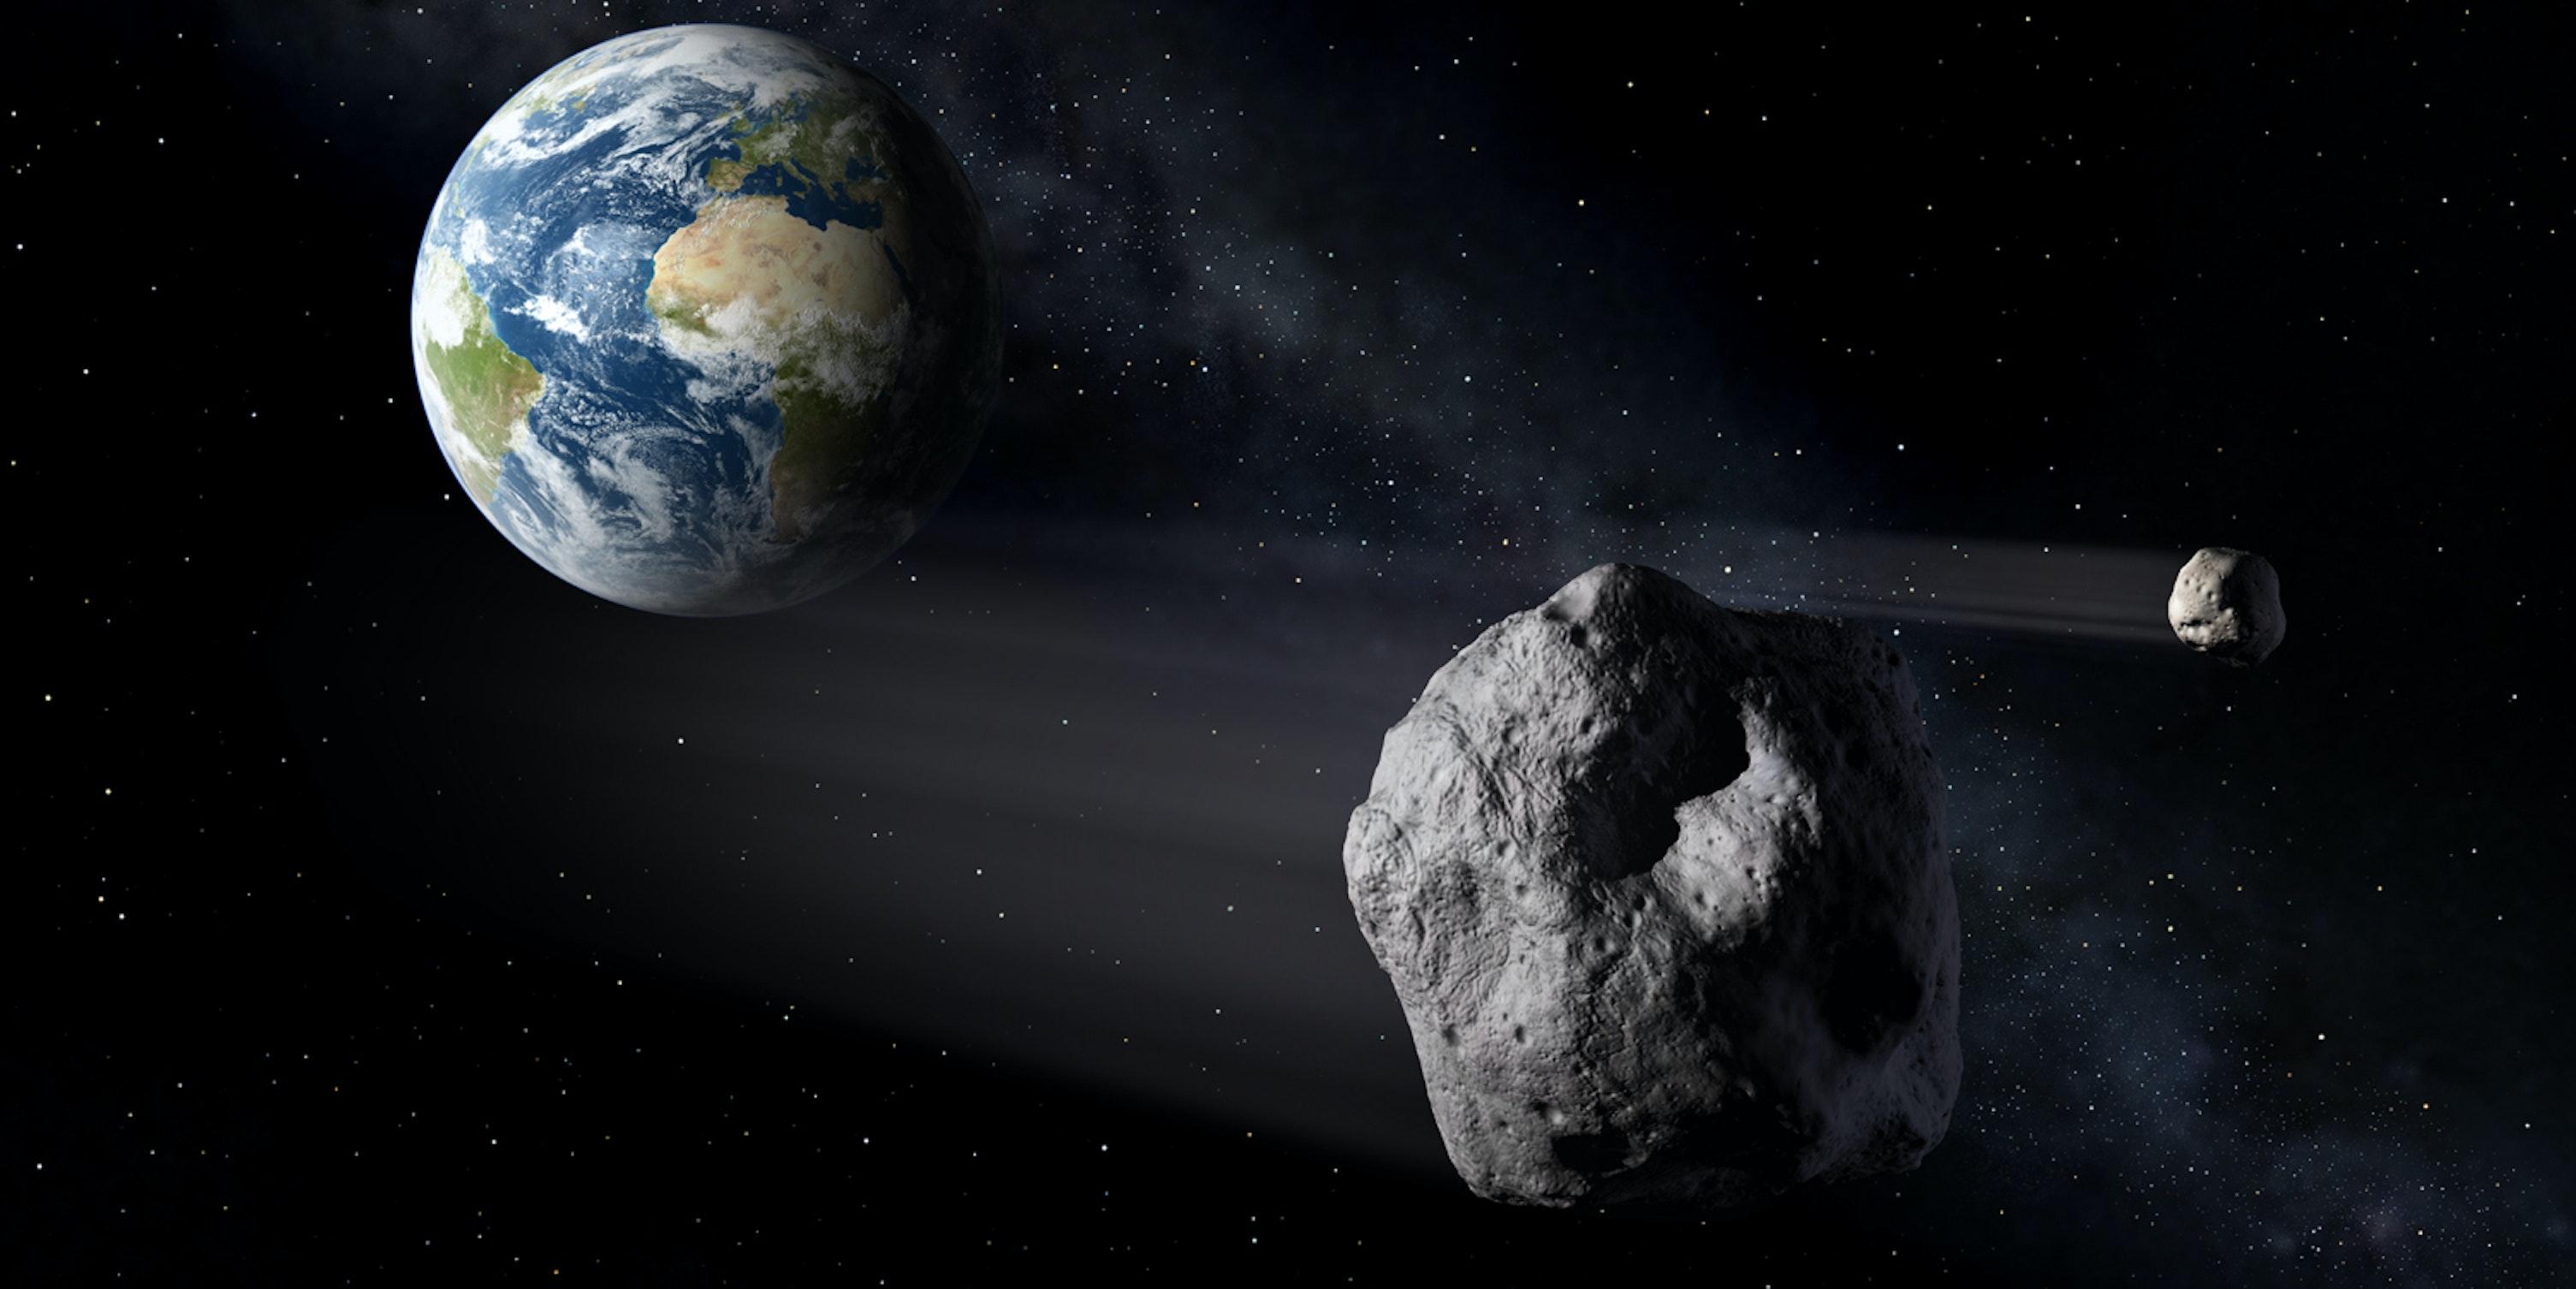 Ufos Astronomie Ruimtevaart Archeologie Oudheidkunde